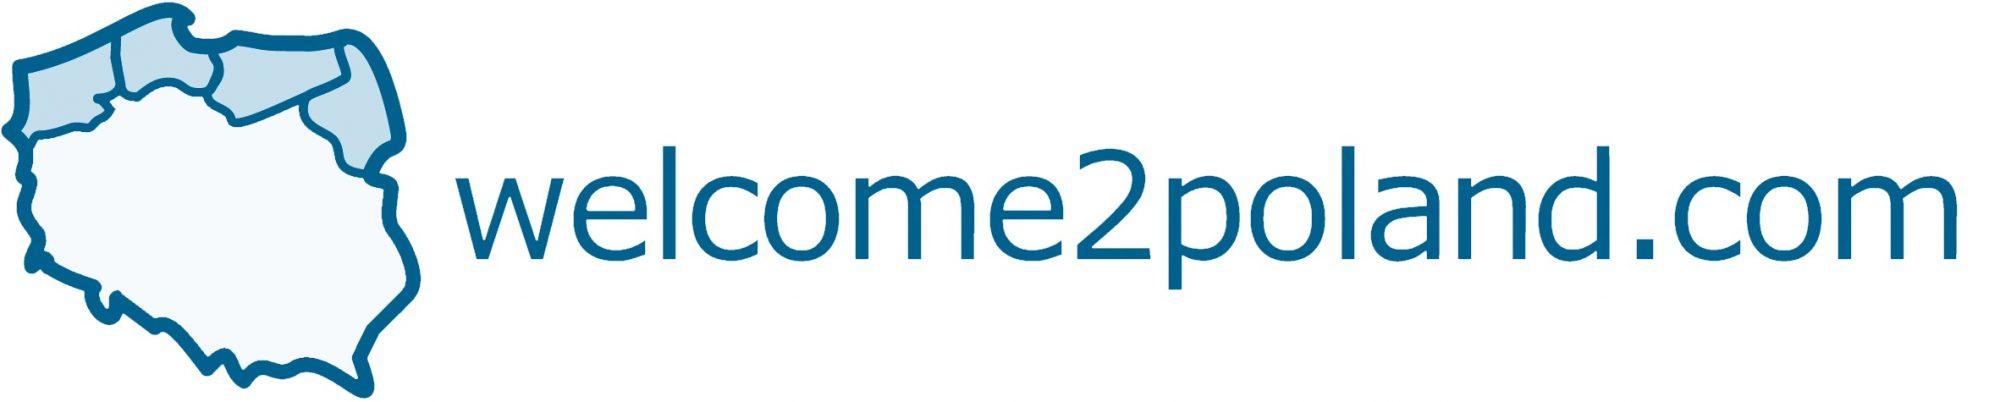 Reiseagentur welcome2poland.com